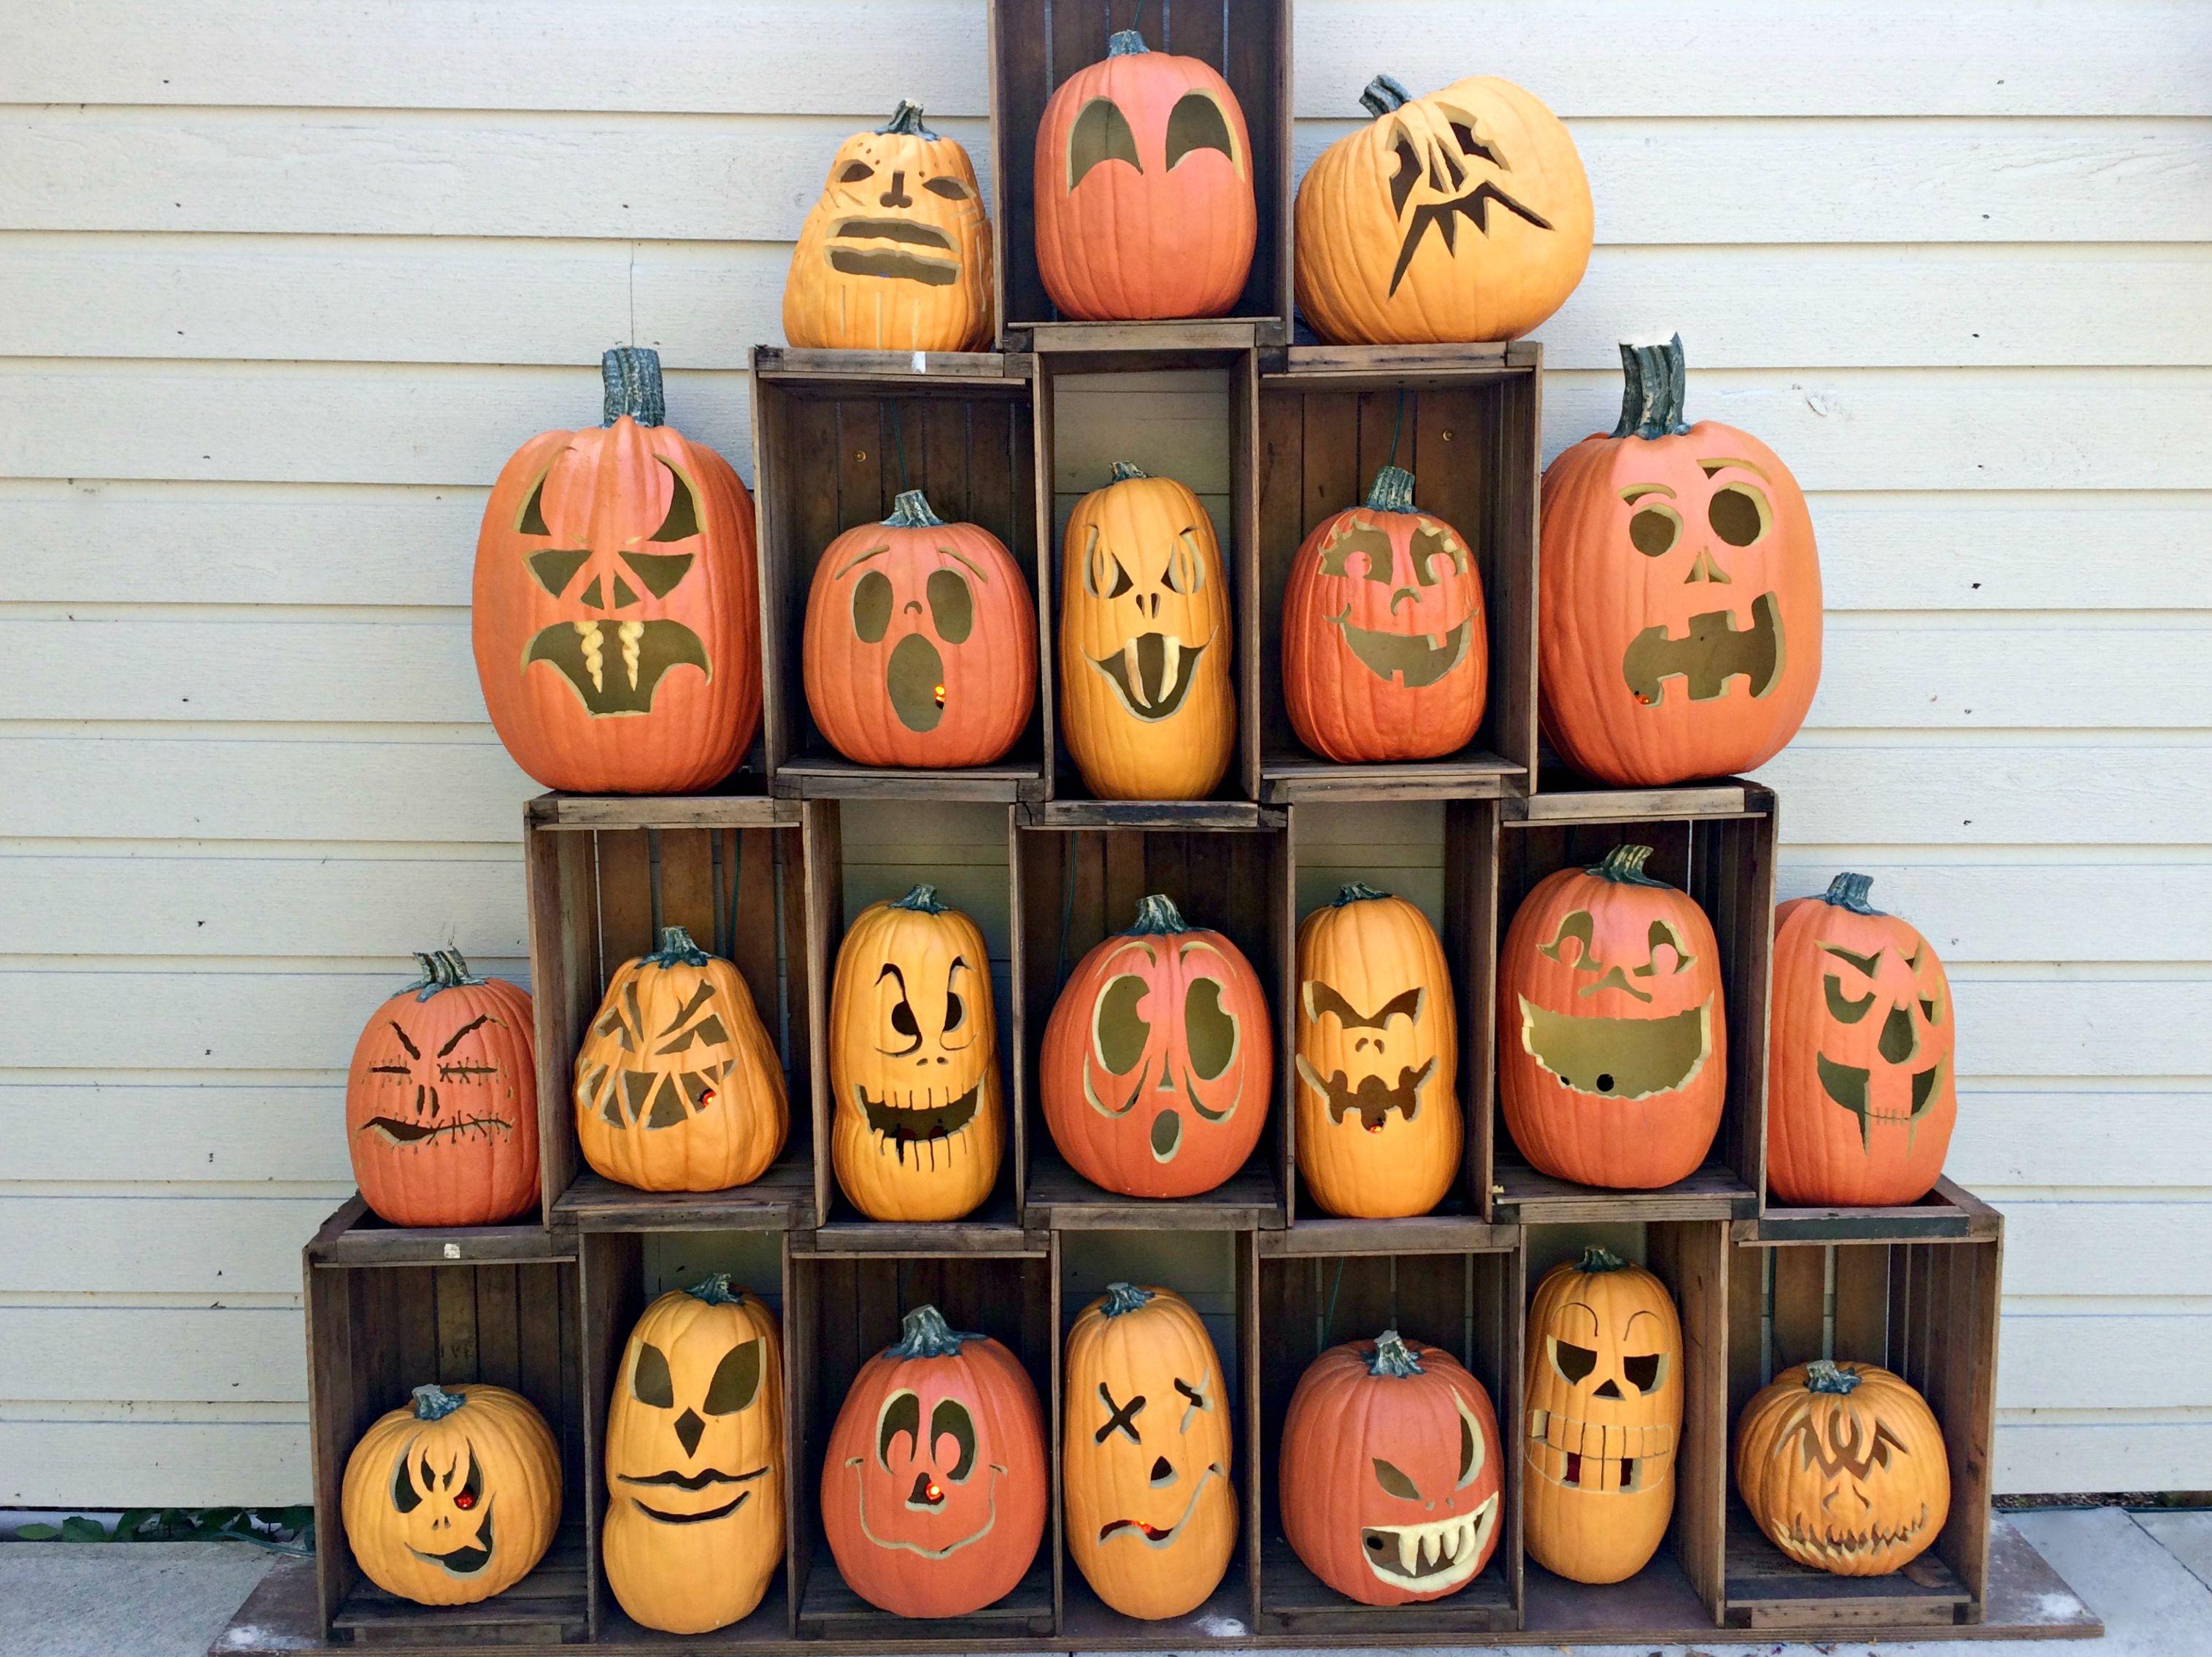 cedar point pumpkins for HalloWeekends